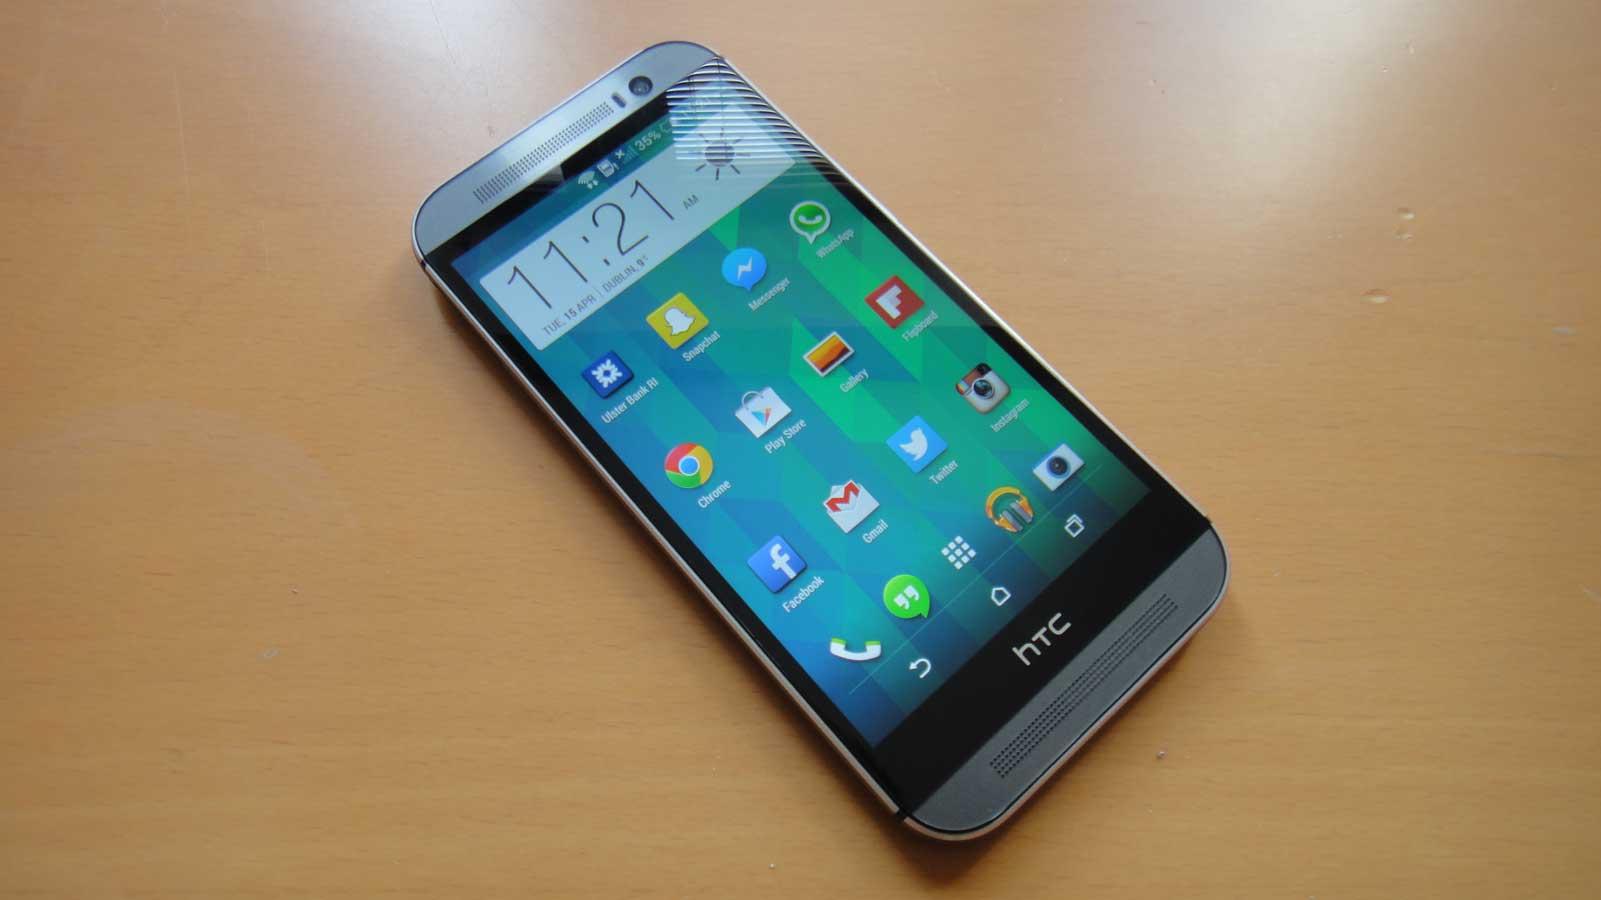 HTC One M8 şebeke sorunu Şebeke Sorunu HTC One M8 Şebeke Sorunu htc one m8 sebeke sorunu